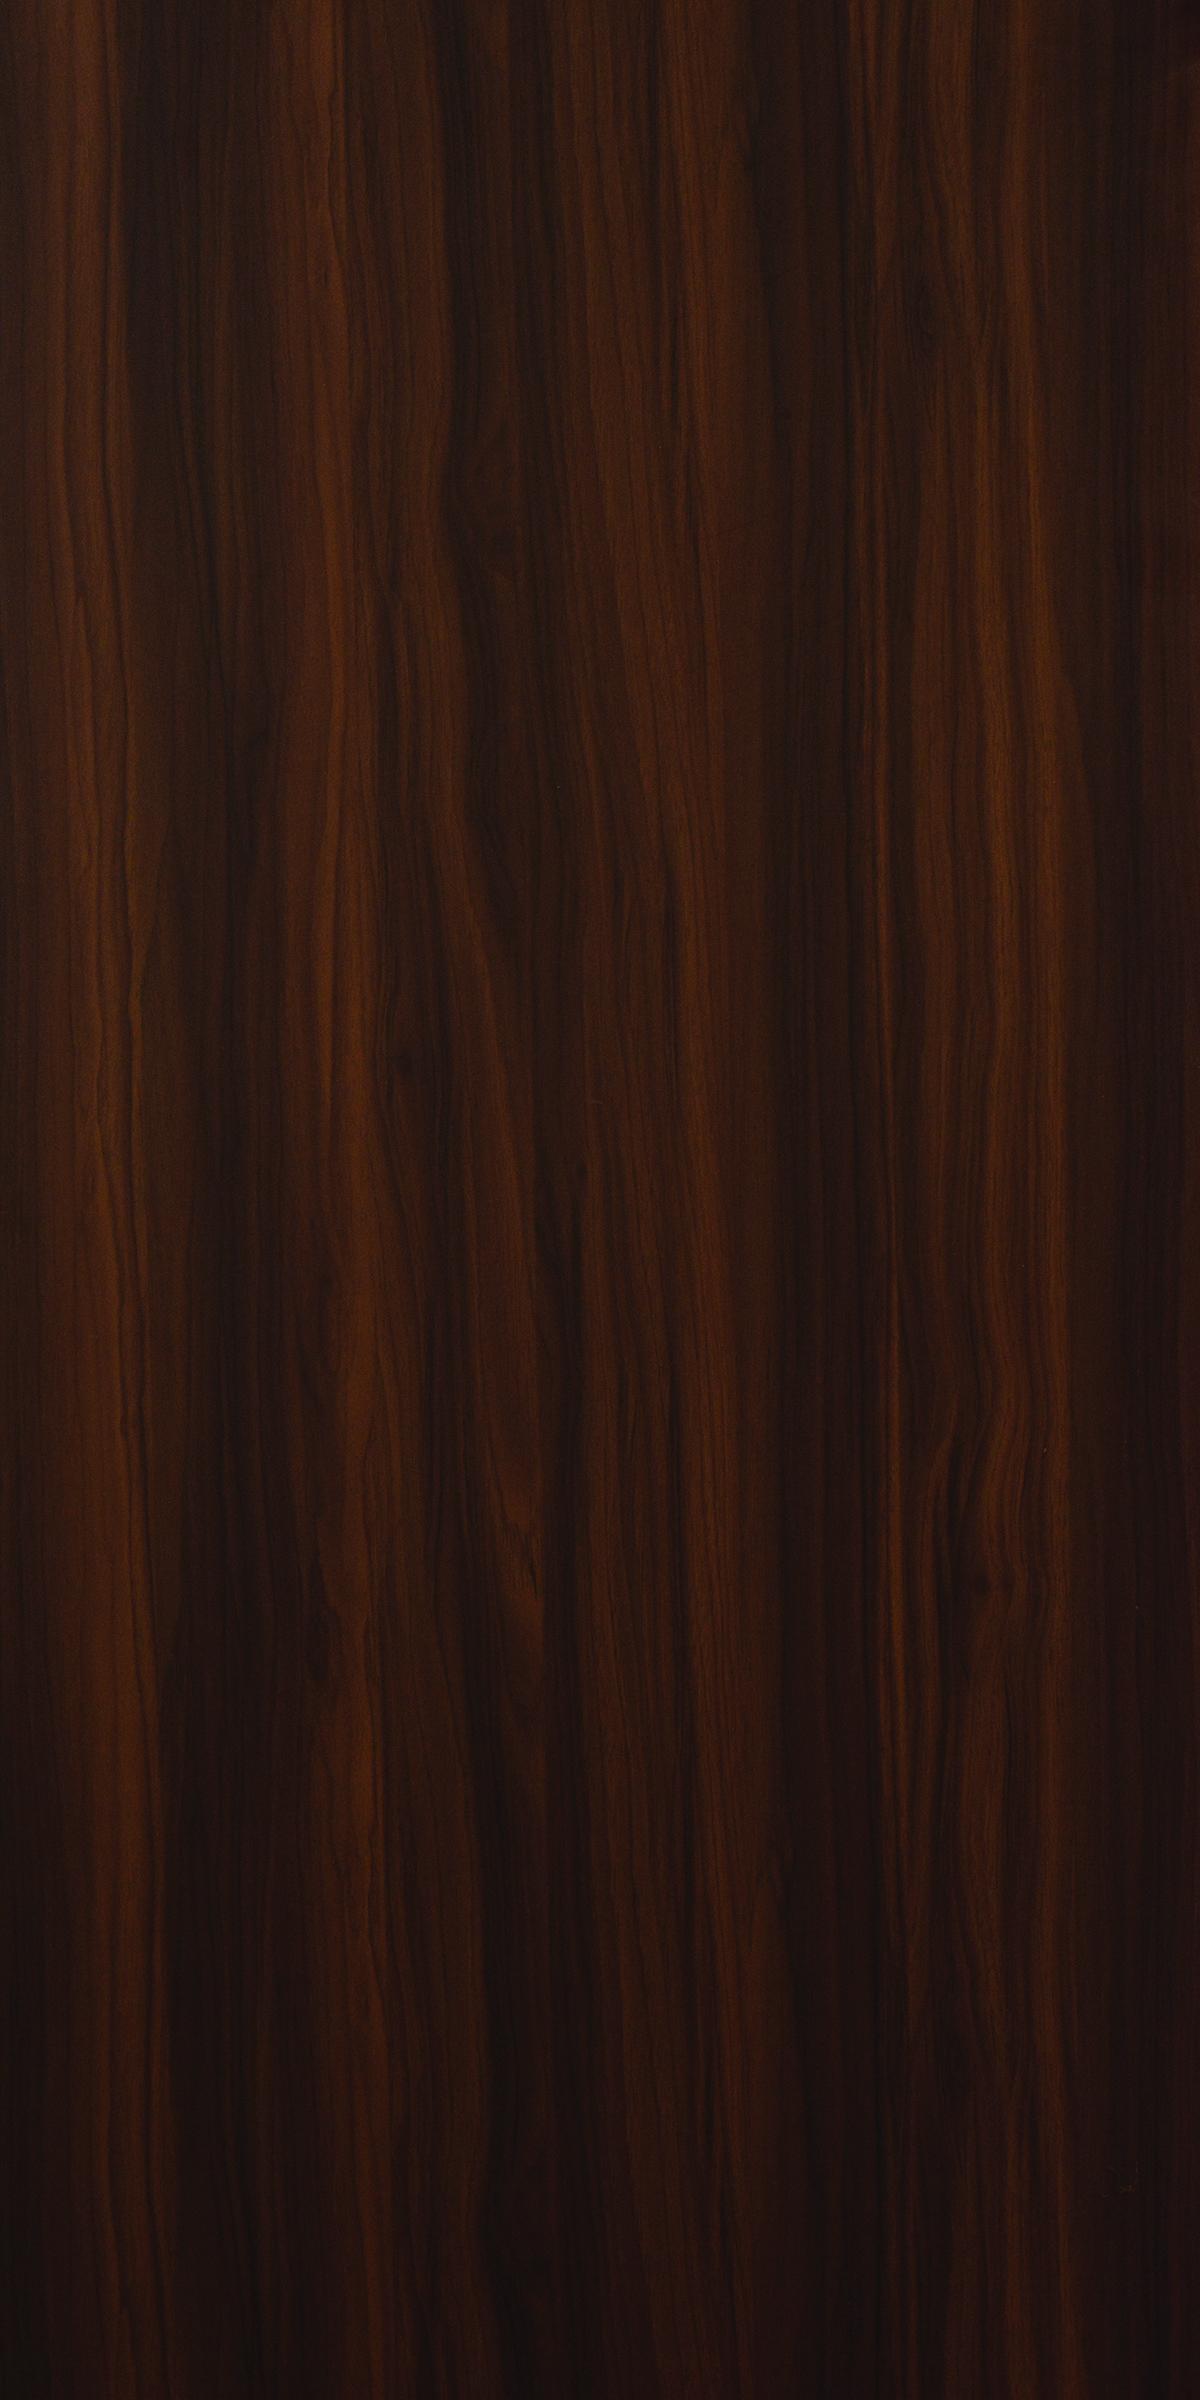 Brunt Wood | 5110 SF